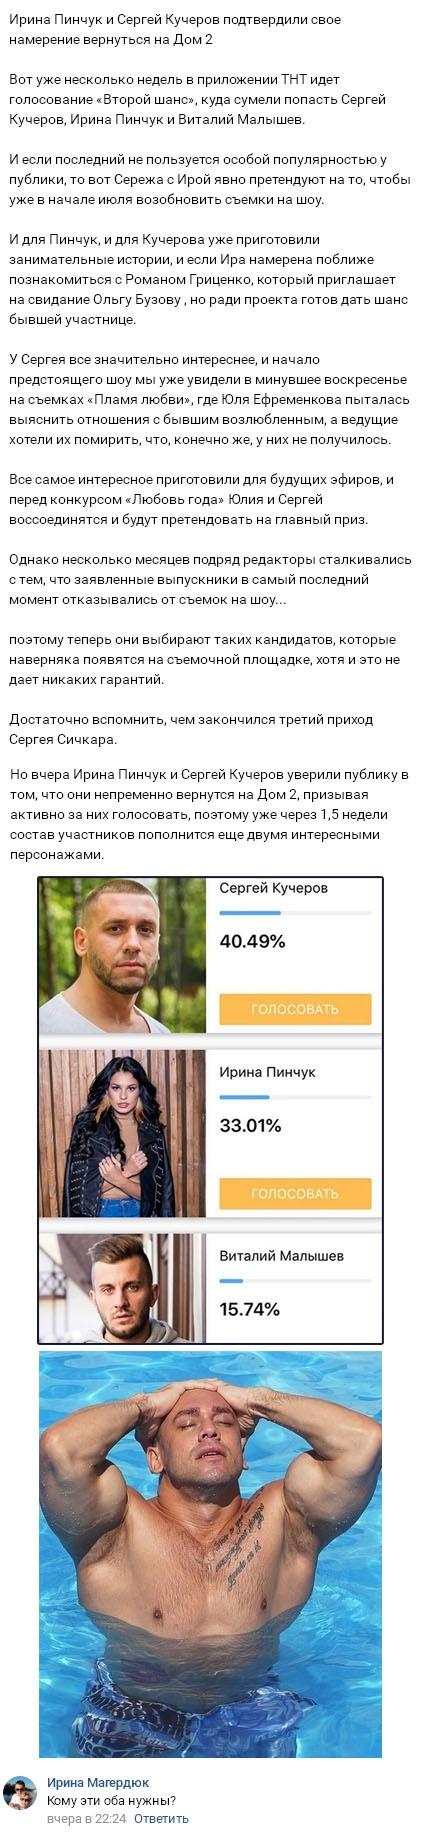 Ирина Пинчук и Сергей Кучеров возвращаются на проект